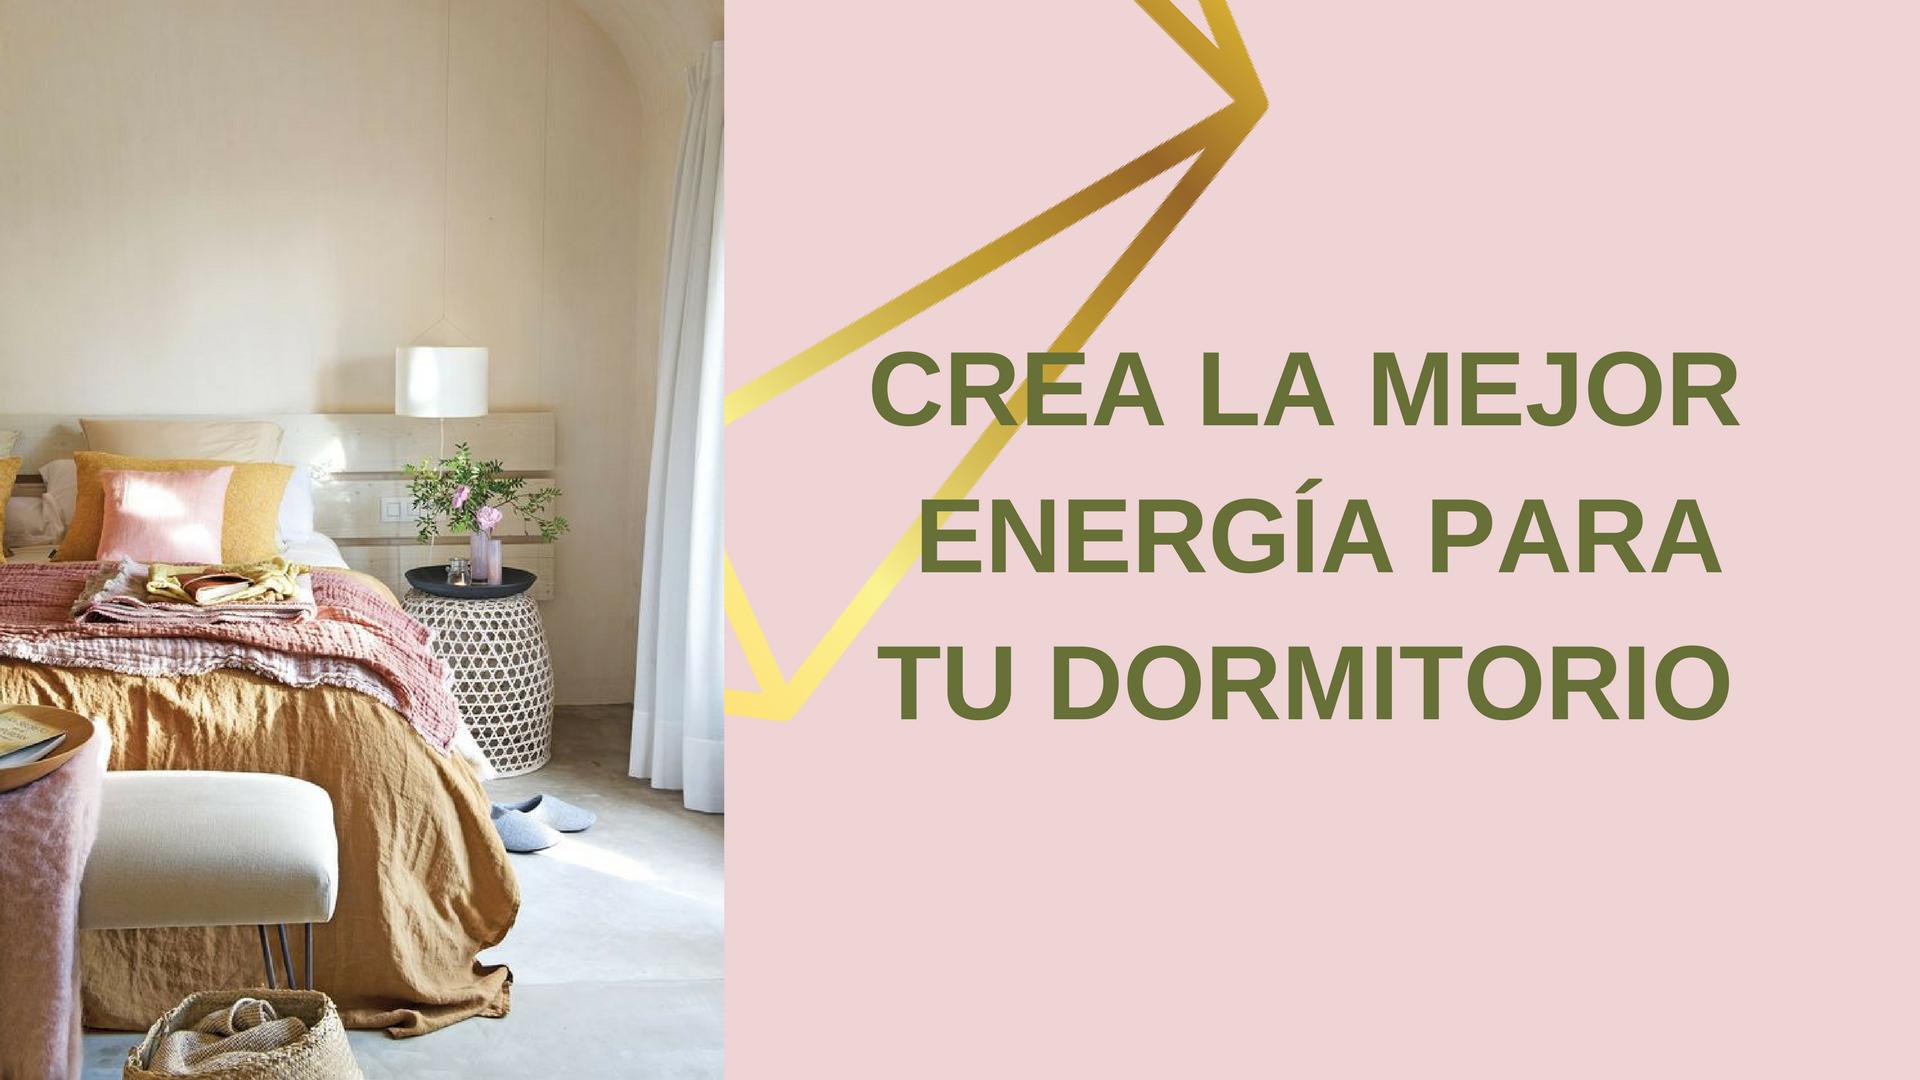 Crea la mejor energía en tu dormitorio.